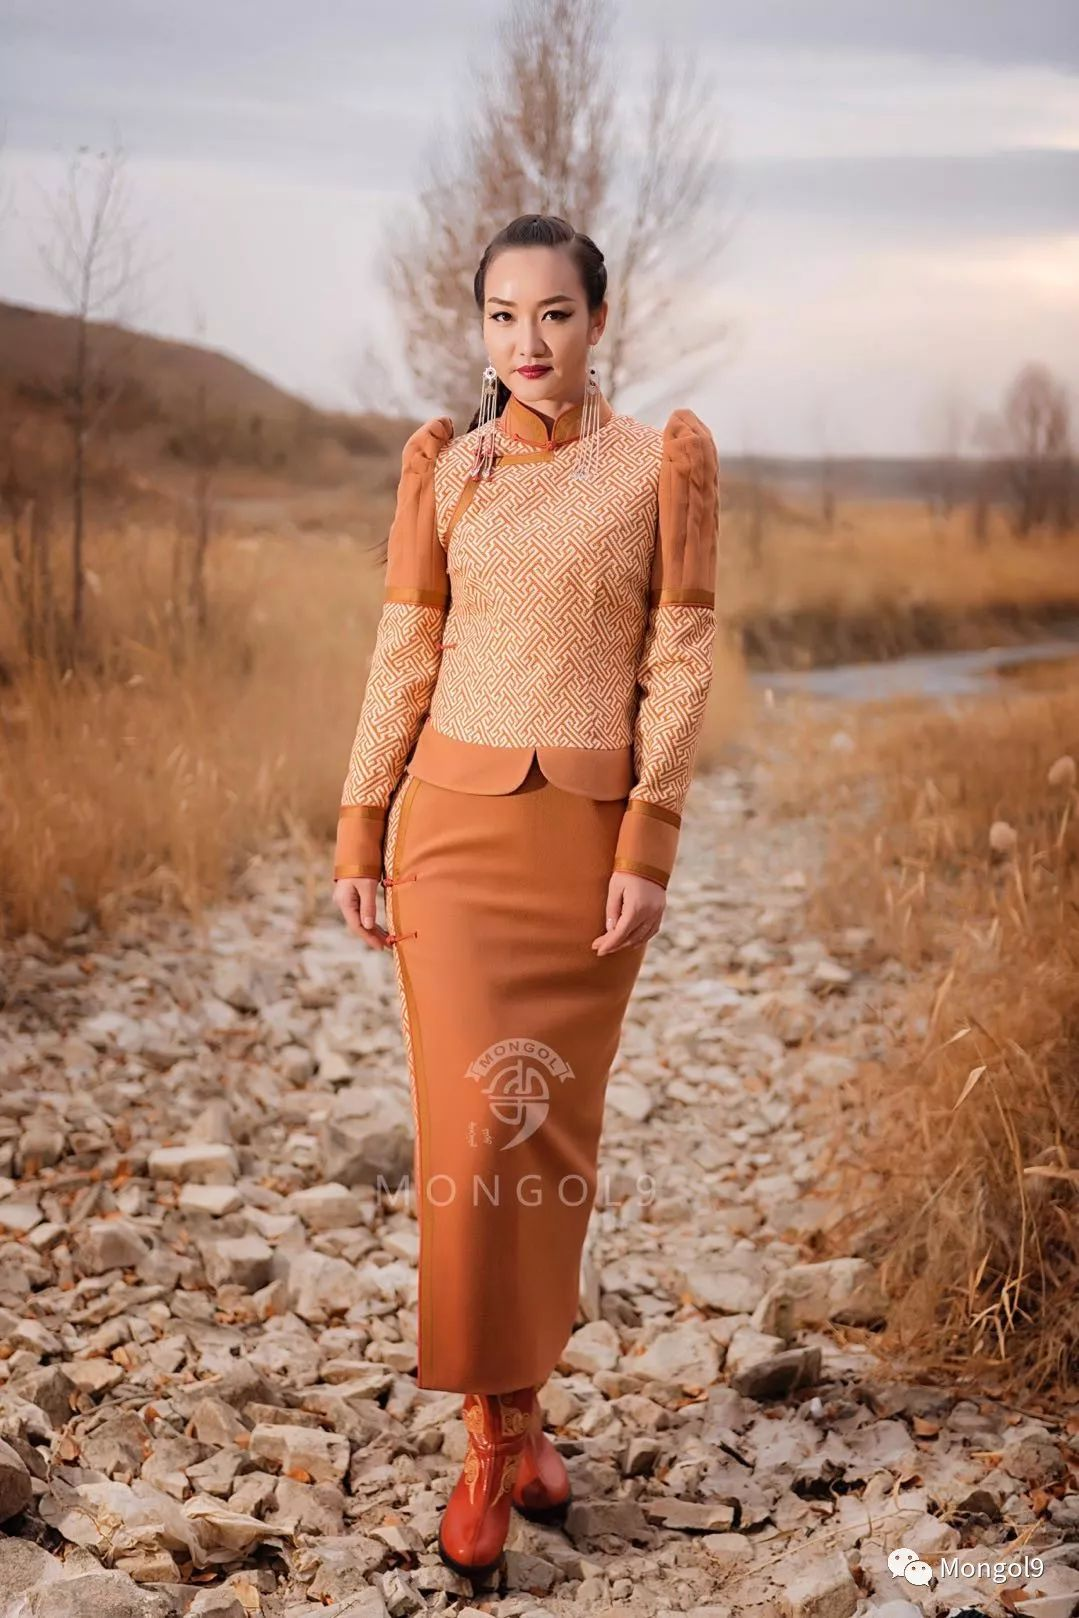 为我的蒙古闺蜜们而设计 第14张 为我的蒙古闺蜜们而设计 蒙古服饰